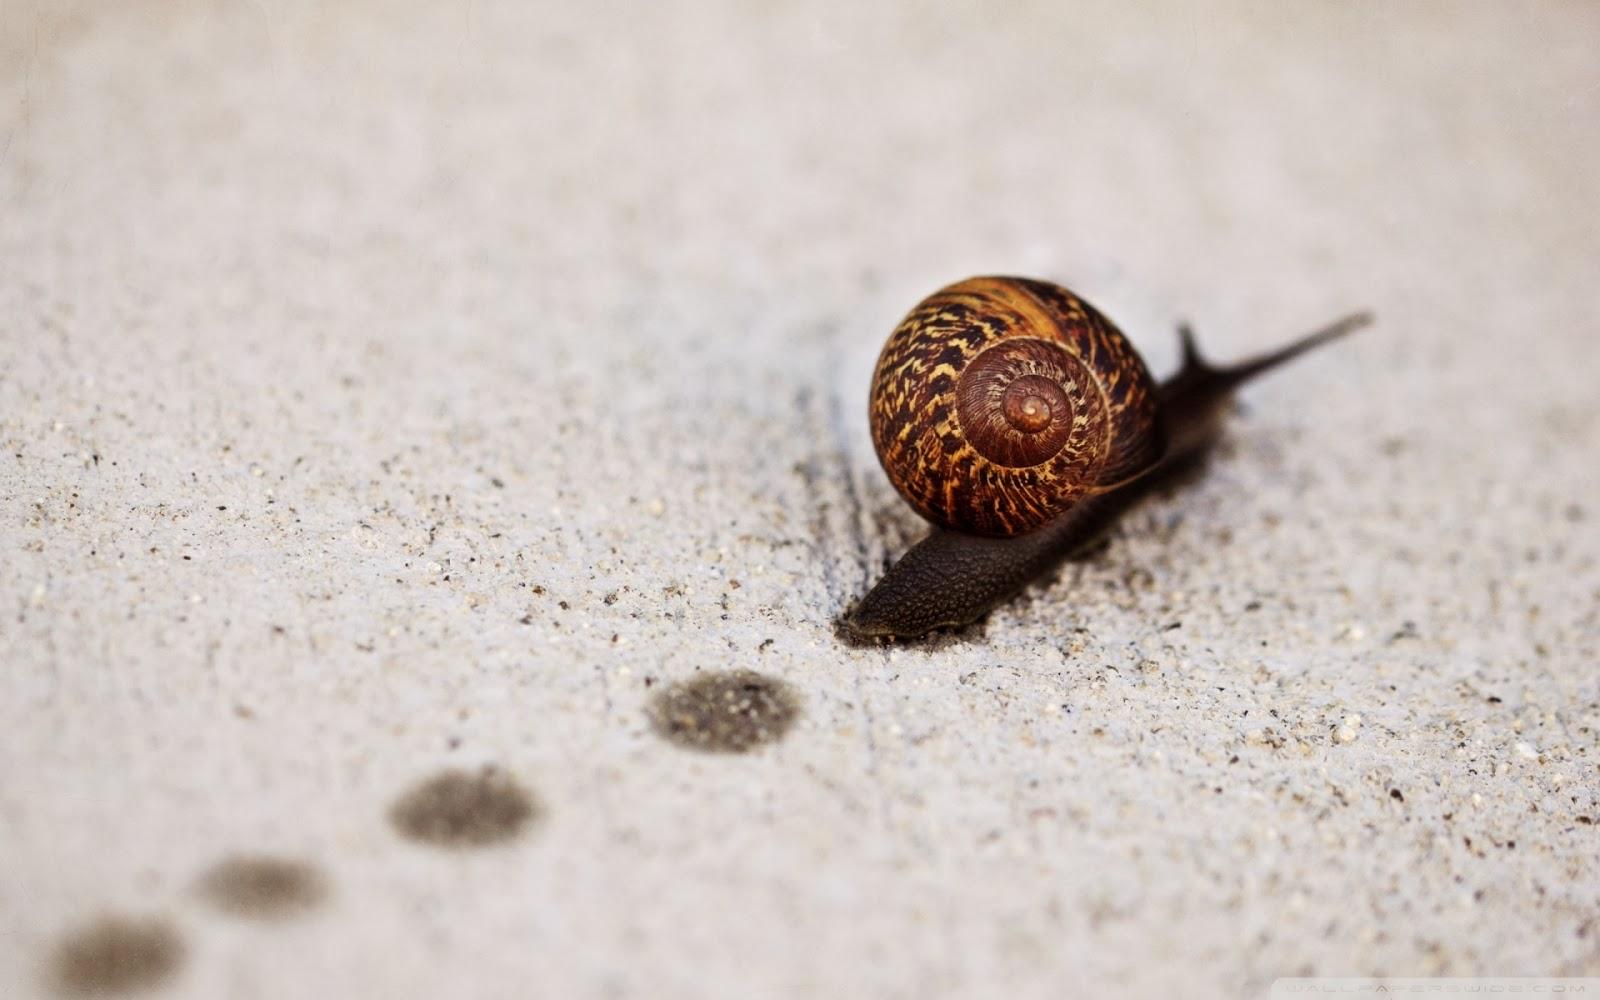 """<img src=""""http://4.bp.blogspot.com/-9AI2tEhLK24/UuJPC-5b1iI/AAAAAAAAKCo/w5jzkwfVYPs/s1600/snail_track_macro-wallpaper-1920x1200.jpg"""" alt=""""snail track macro wallpaper"""" />"""